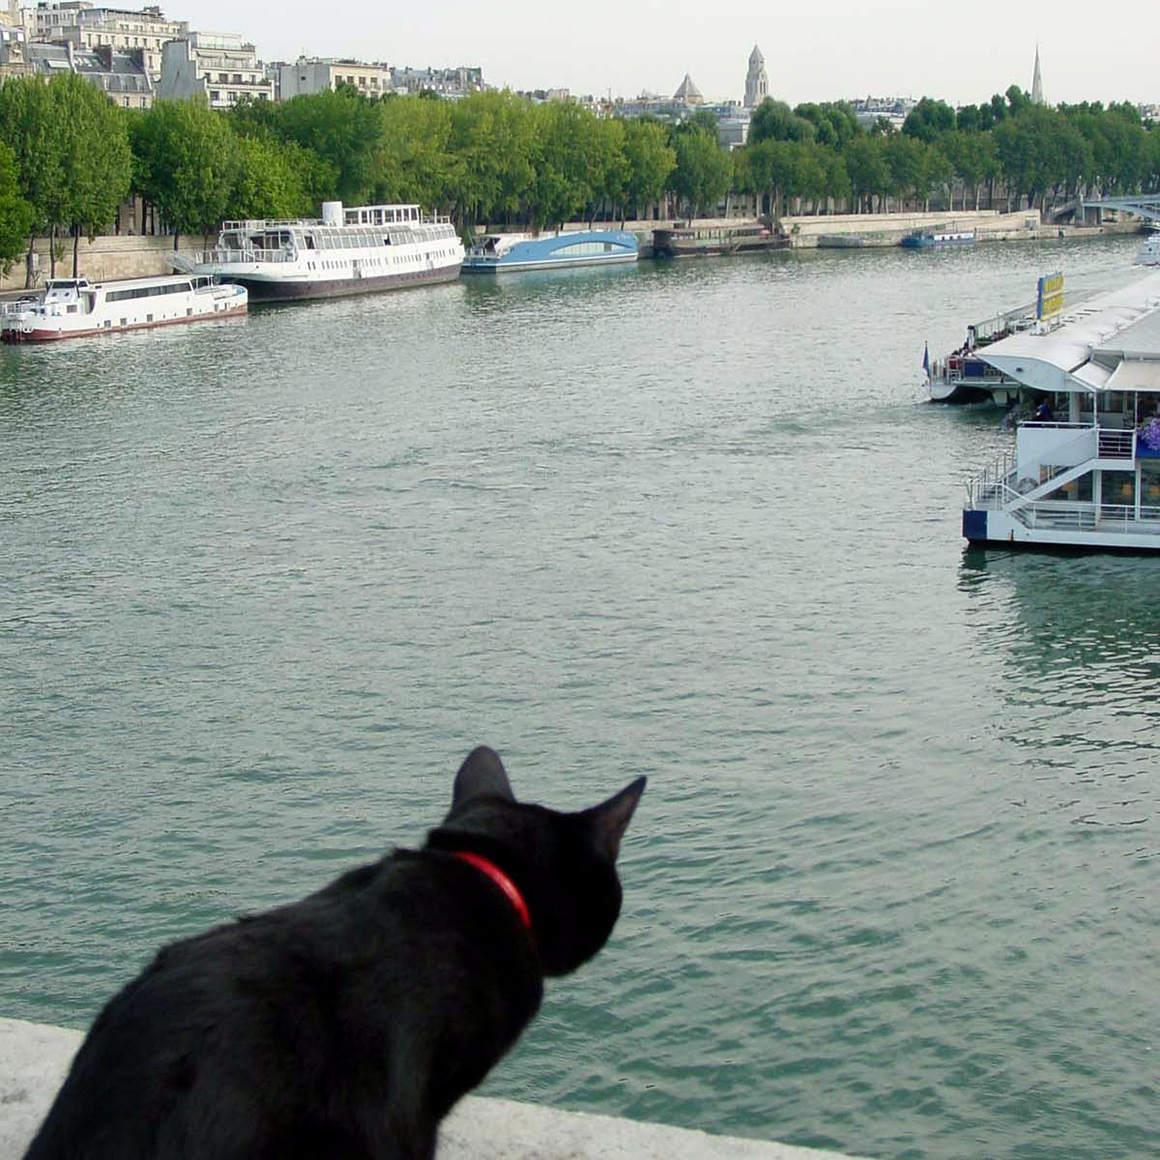 猫と世界旅行!?黒猫ノロと飼い主がたどり着いた、旅と写真のライフスタイル